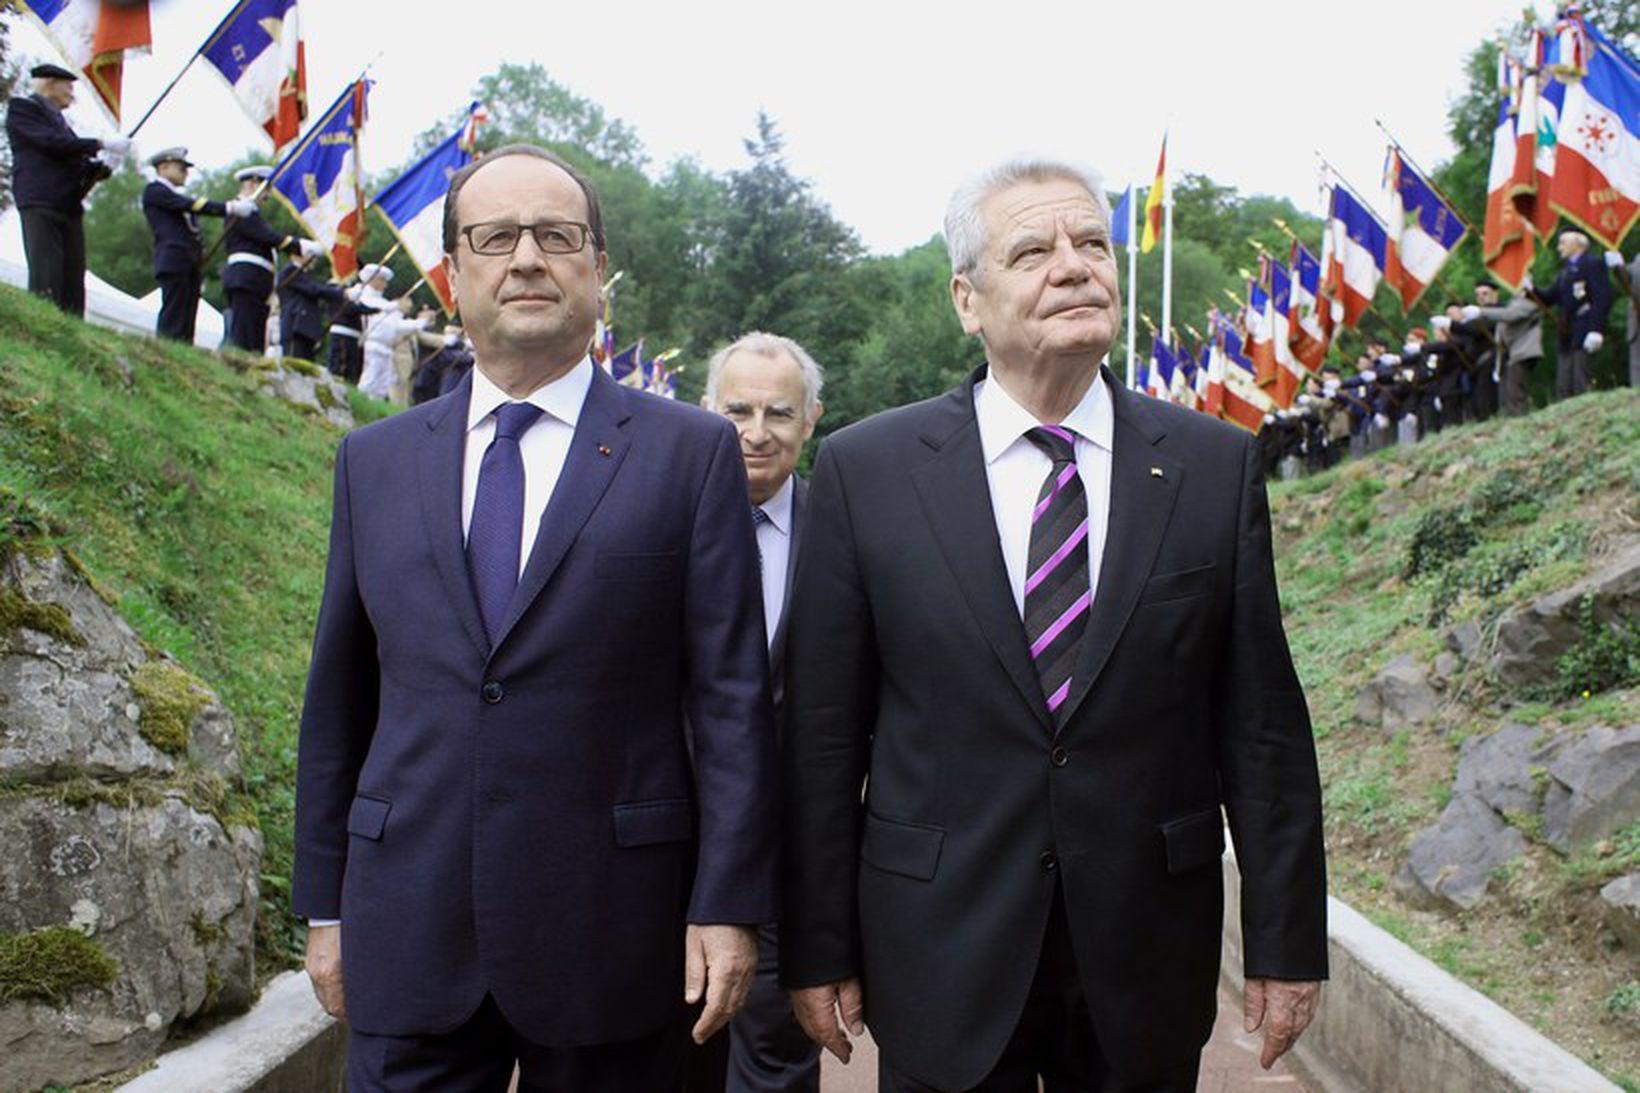 Hollande og Gauck - Forsetar ríkjanna tveggja við minningarathöfn í …